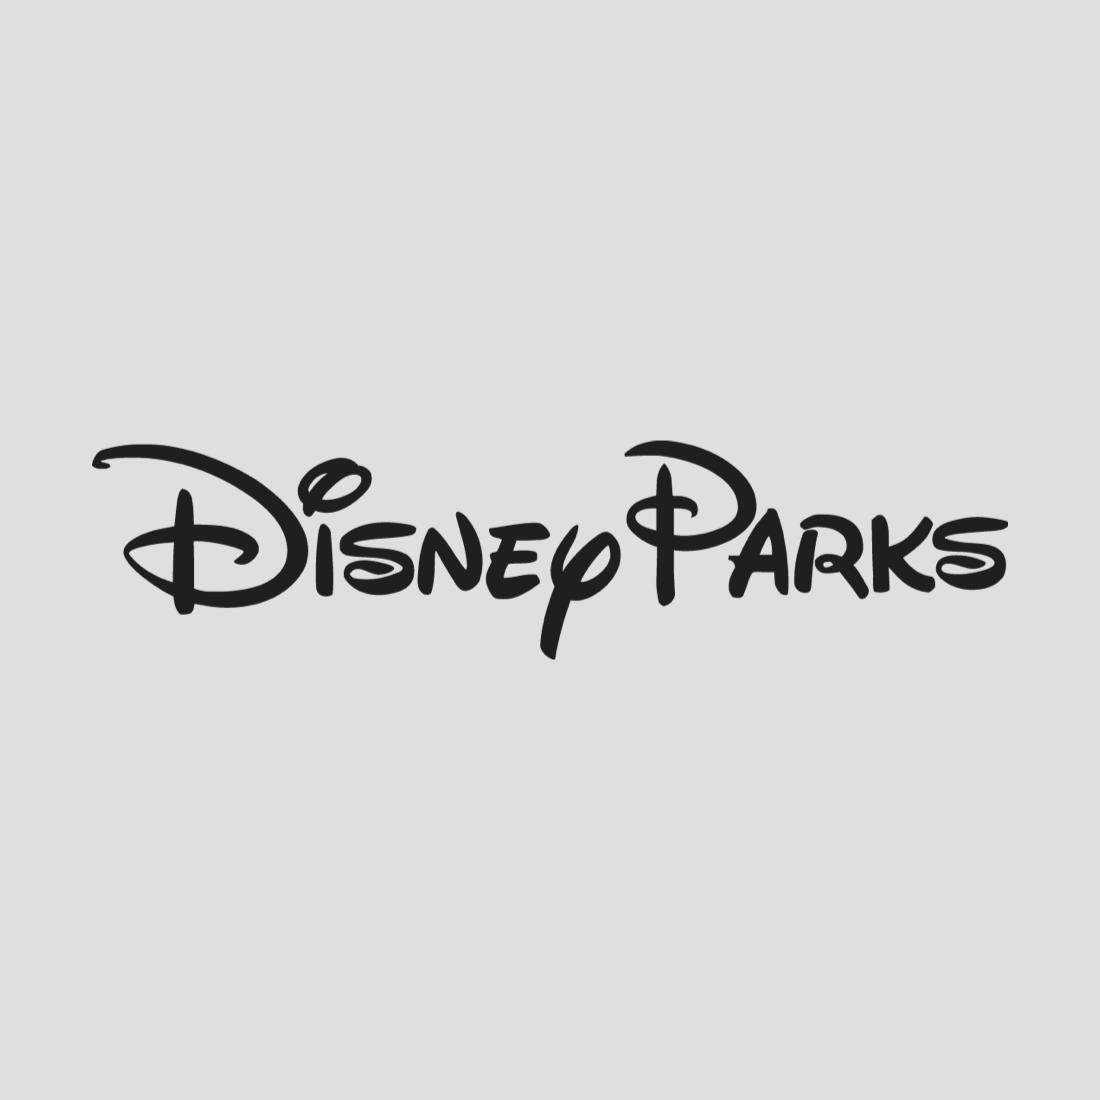 Disney-Parks.png